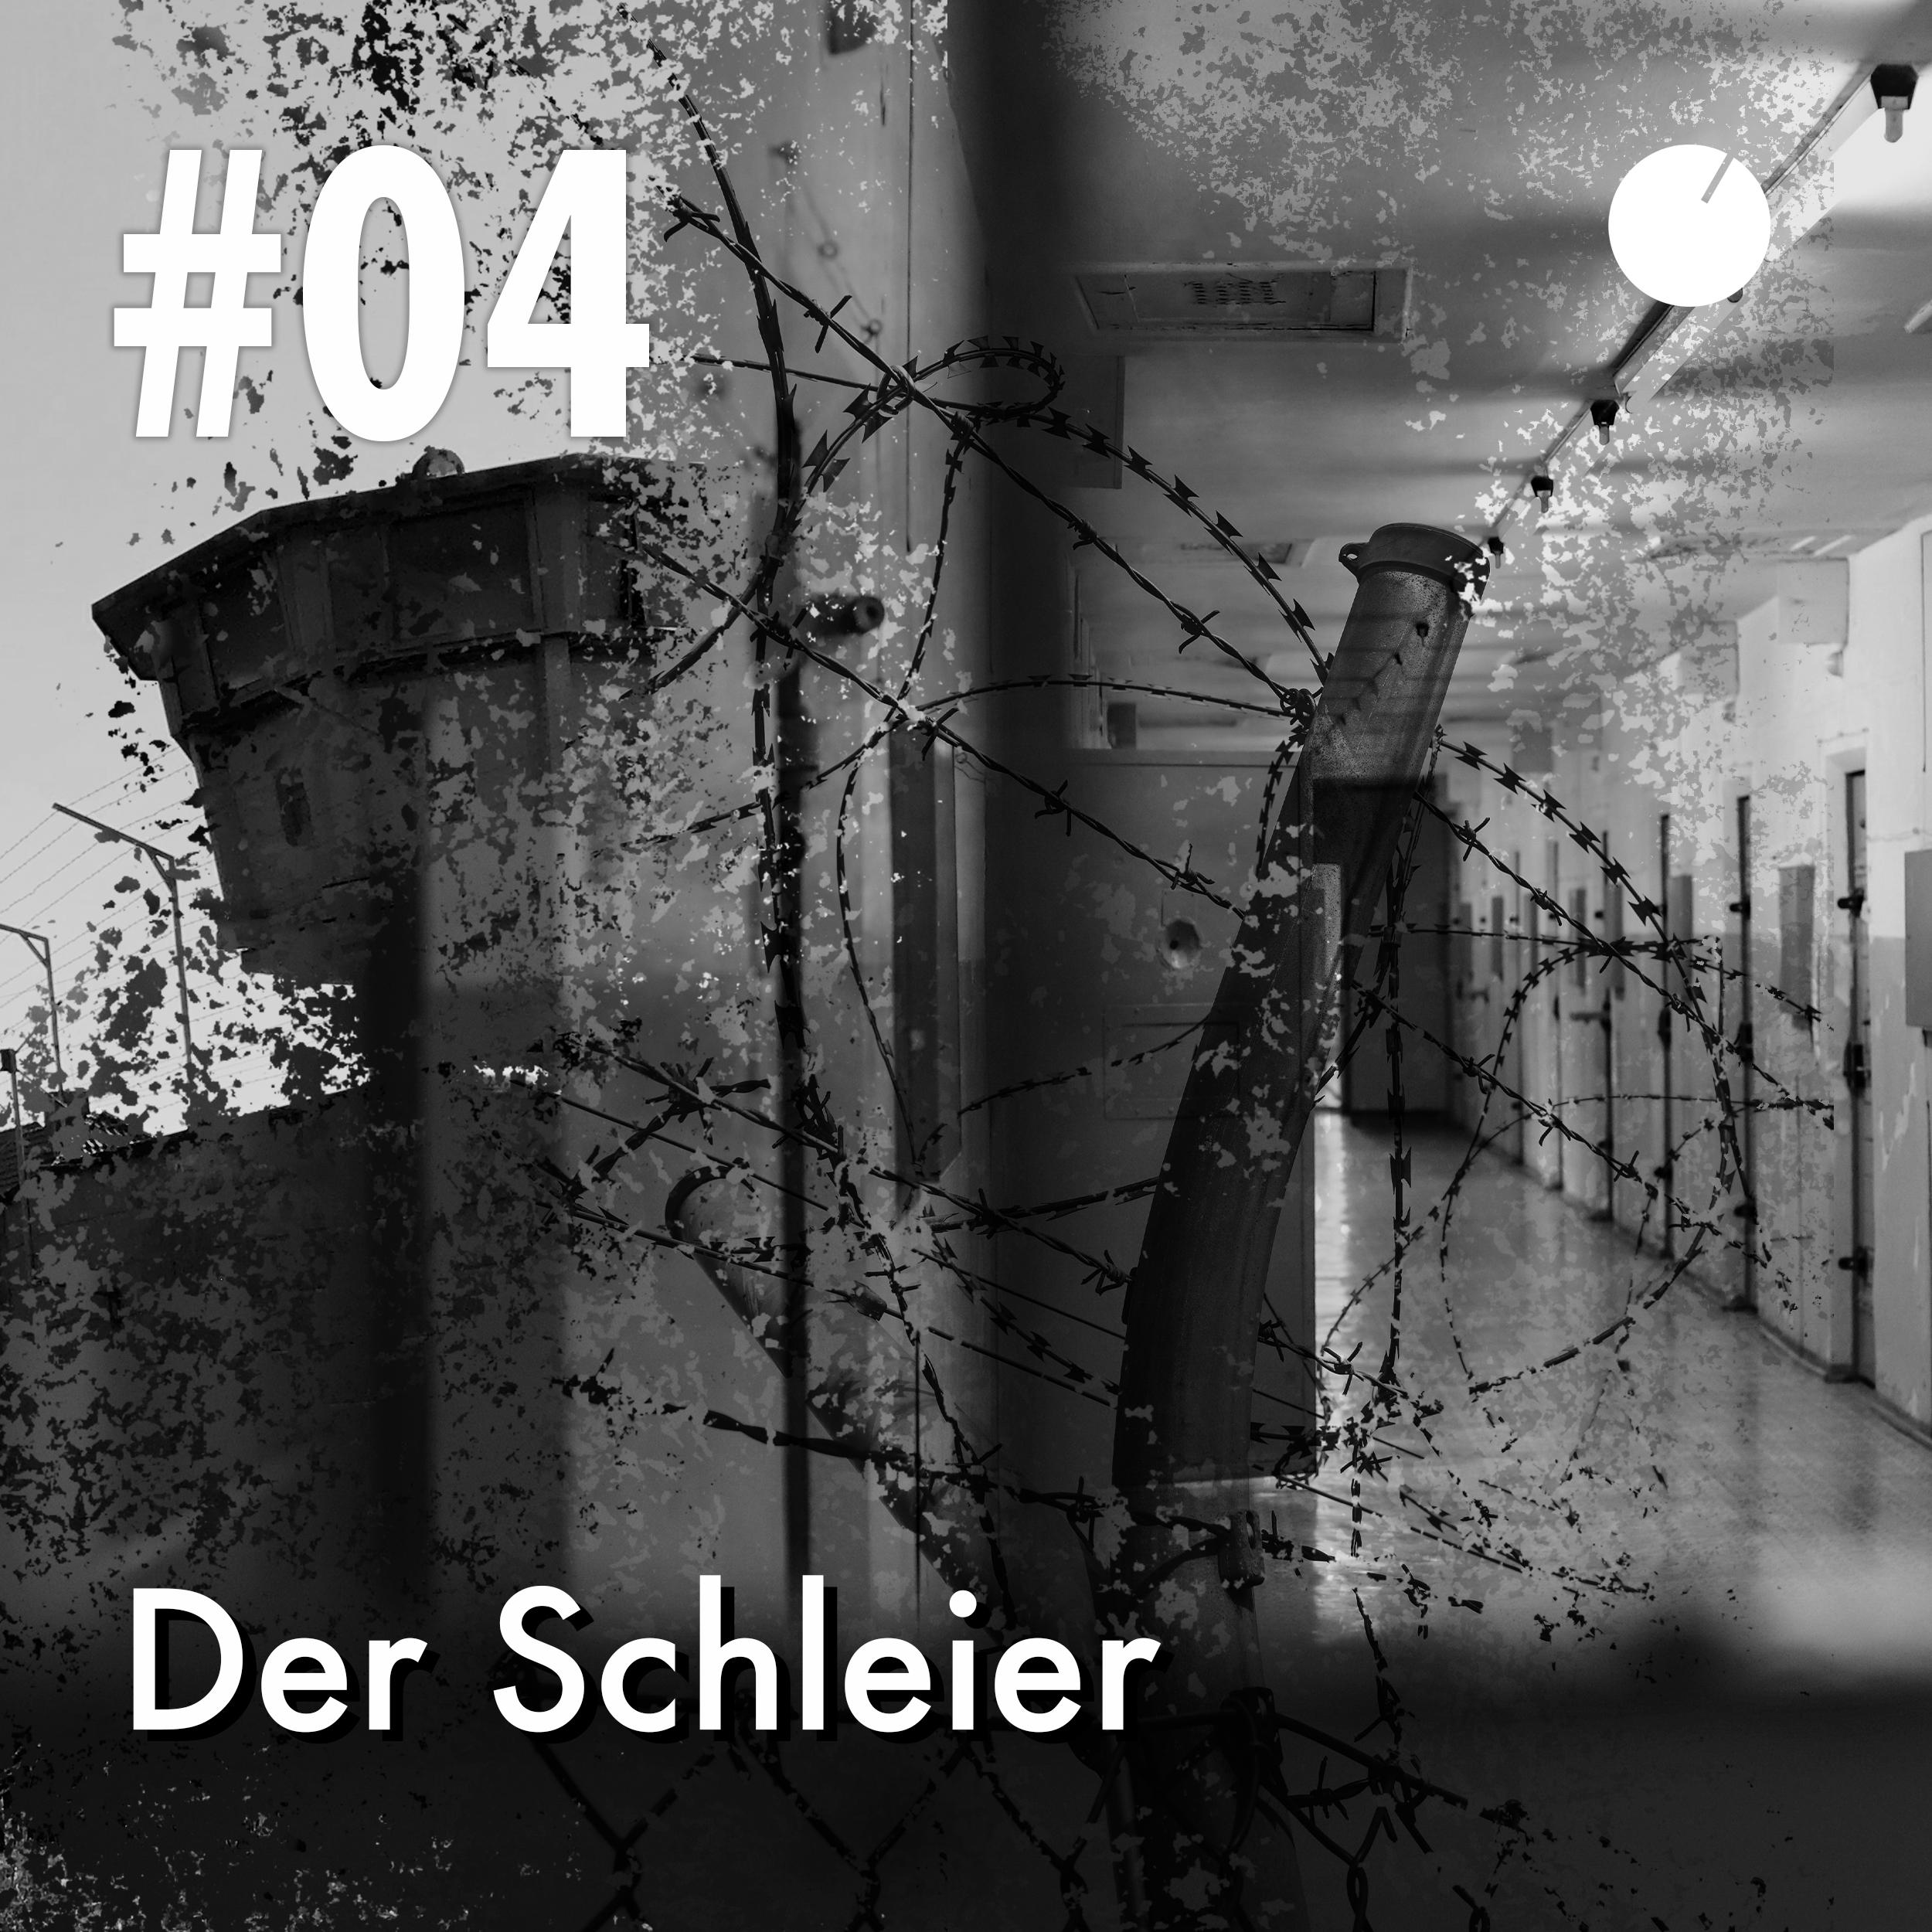 #04 Der Schleier